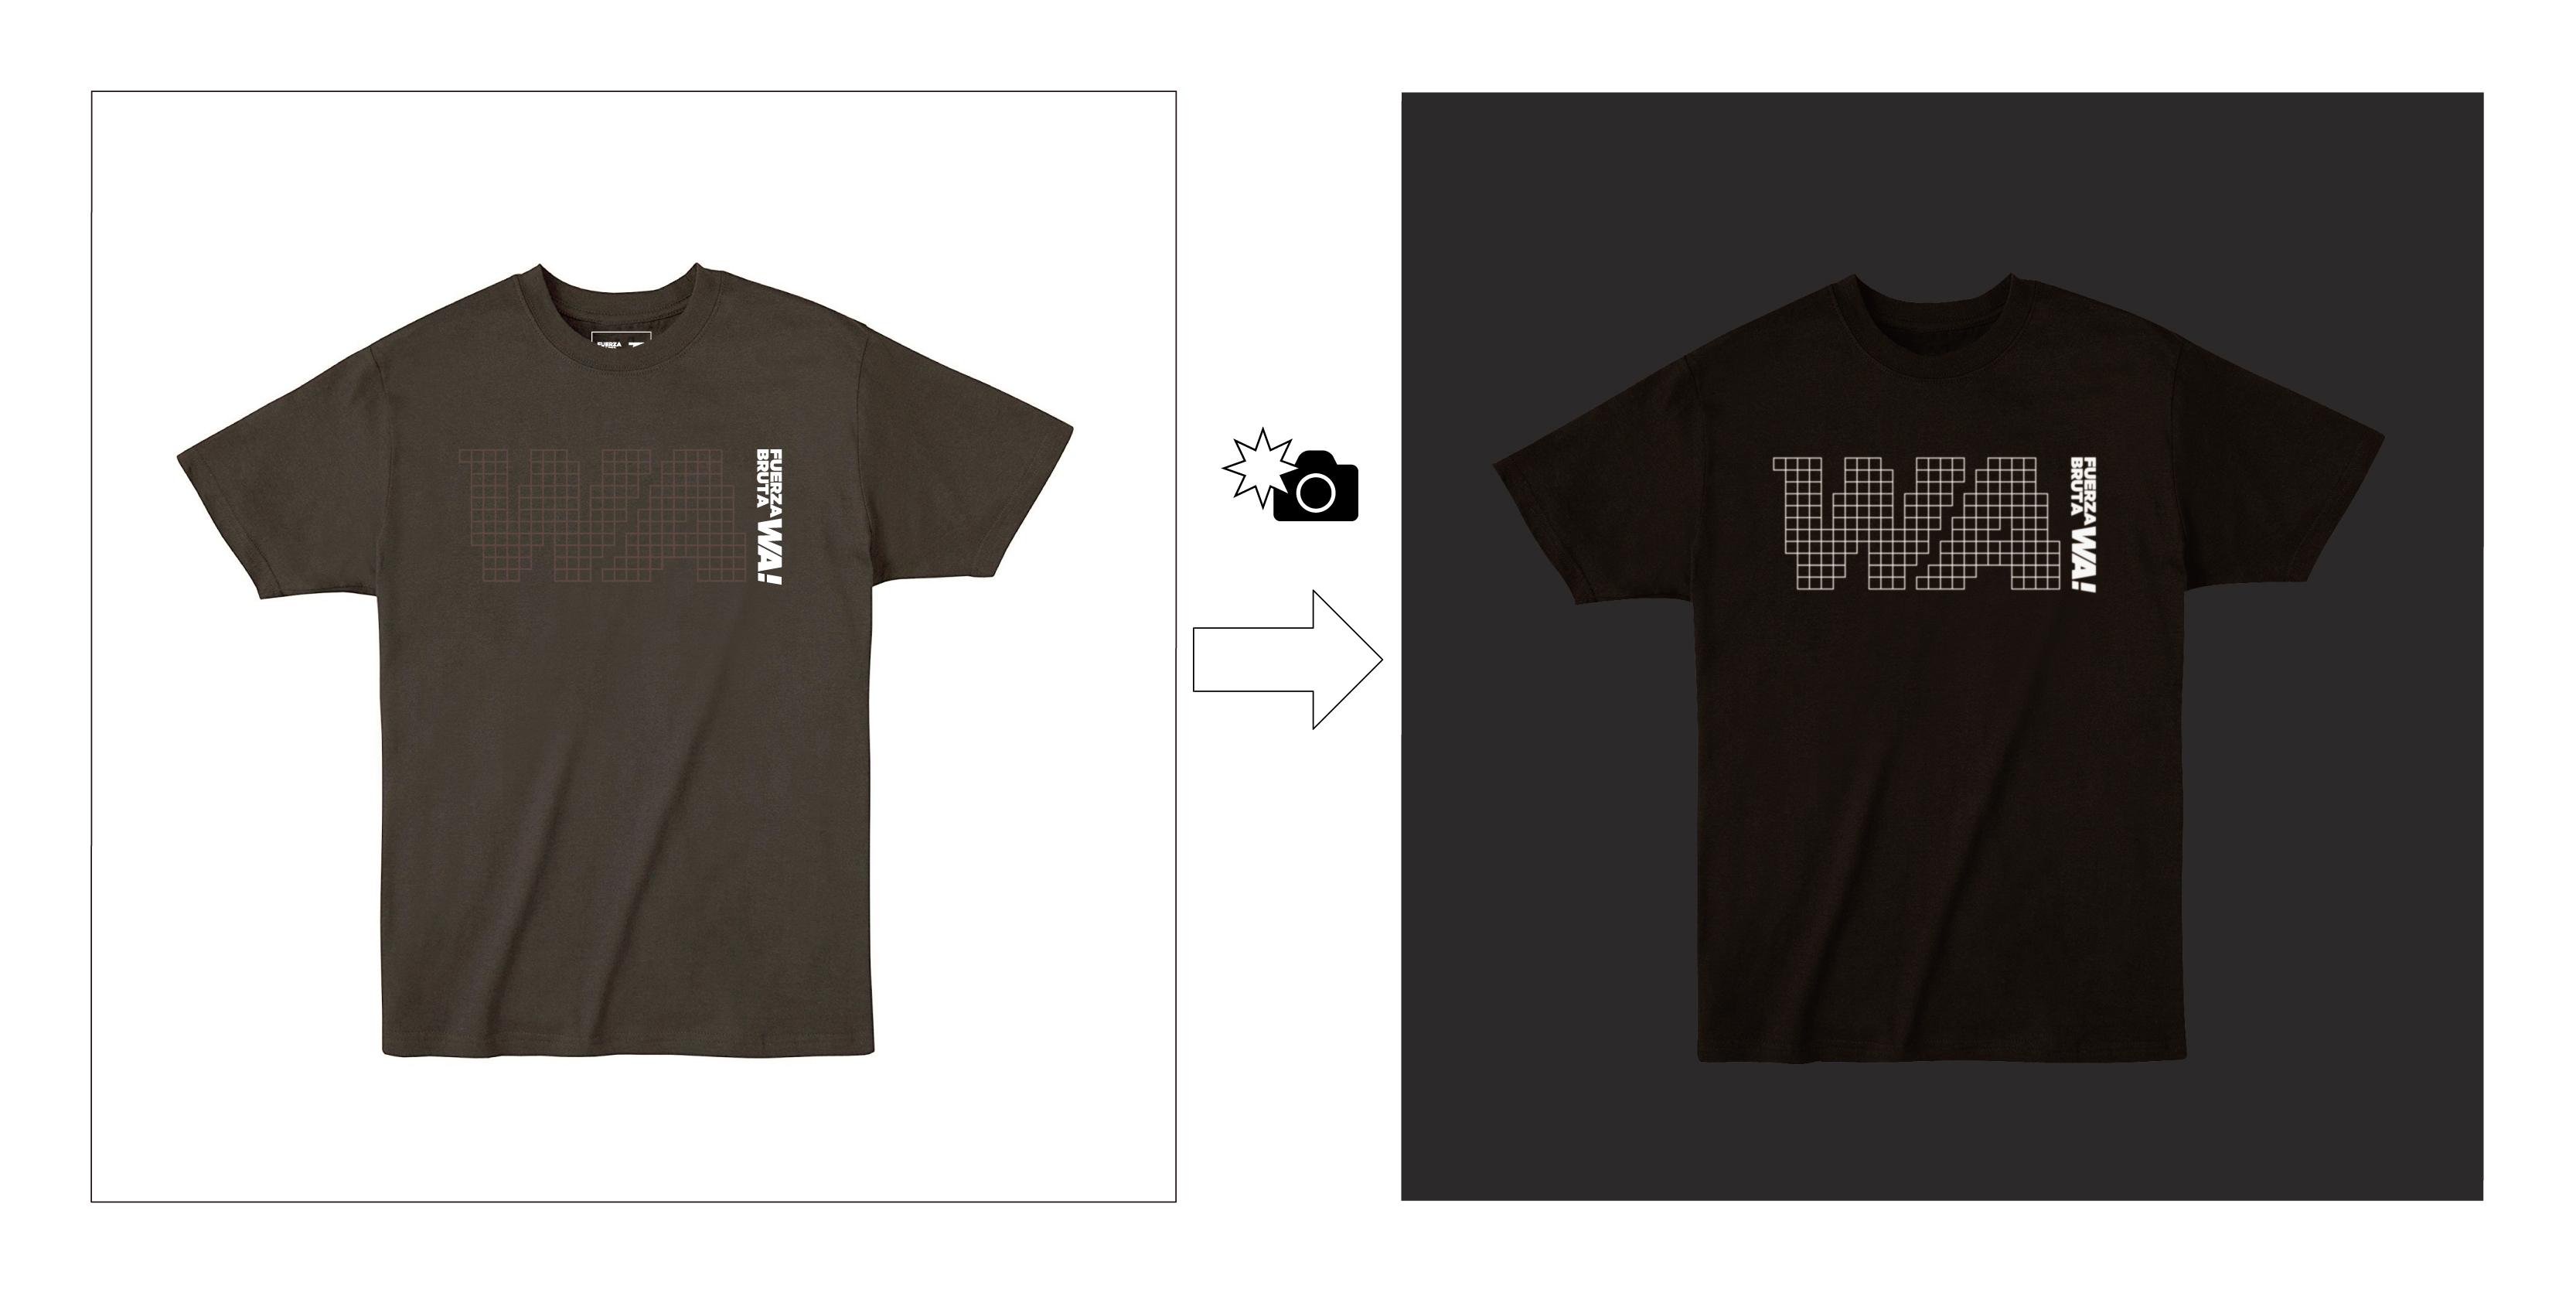 「アンリアレイジ」デザインのオフィシャルTシャツ